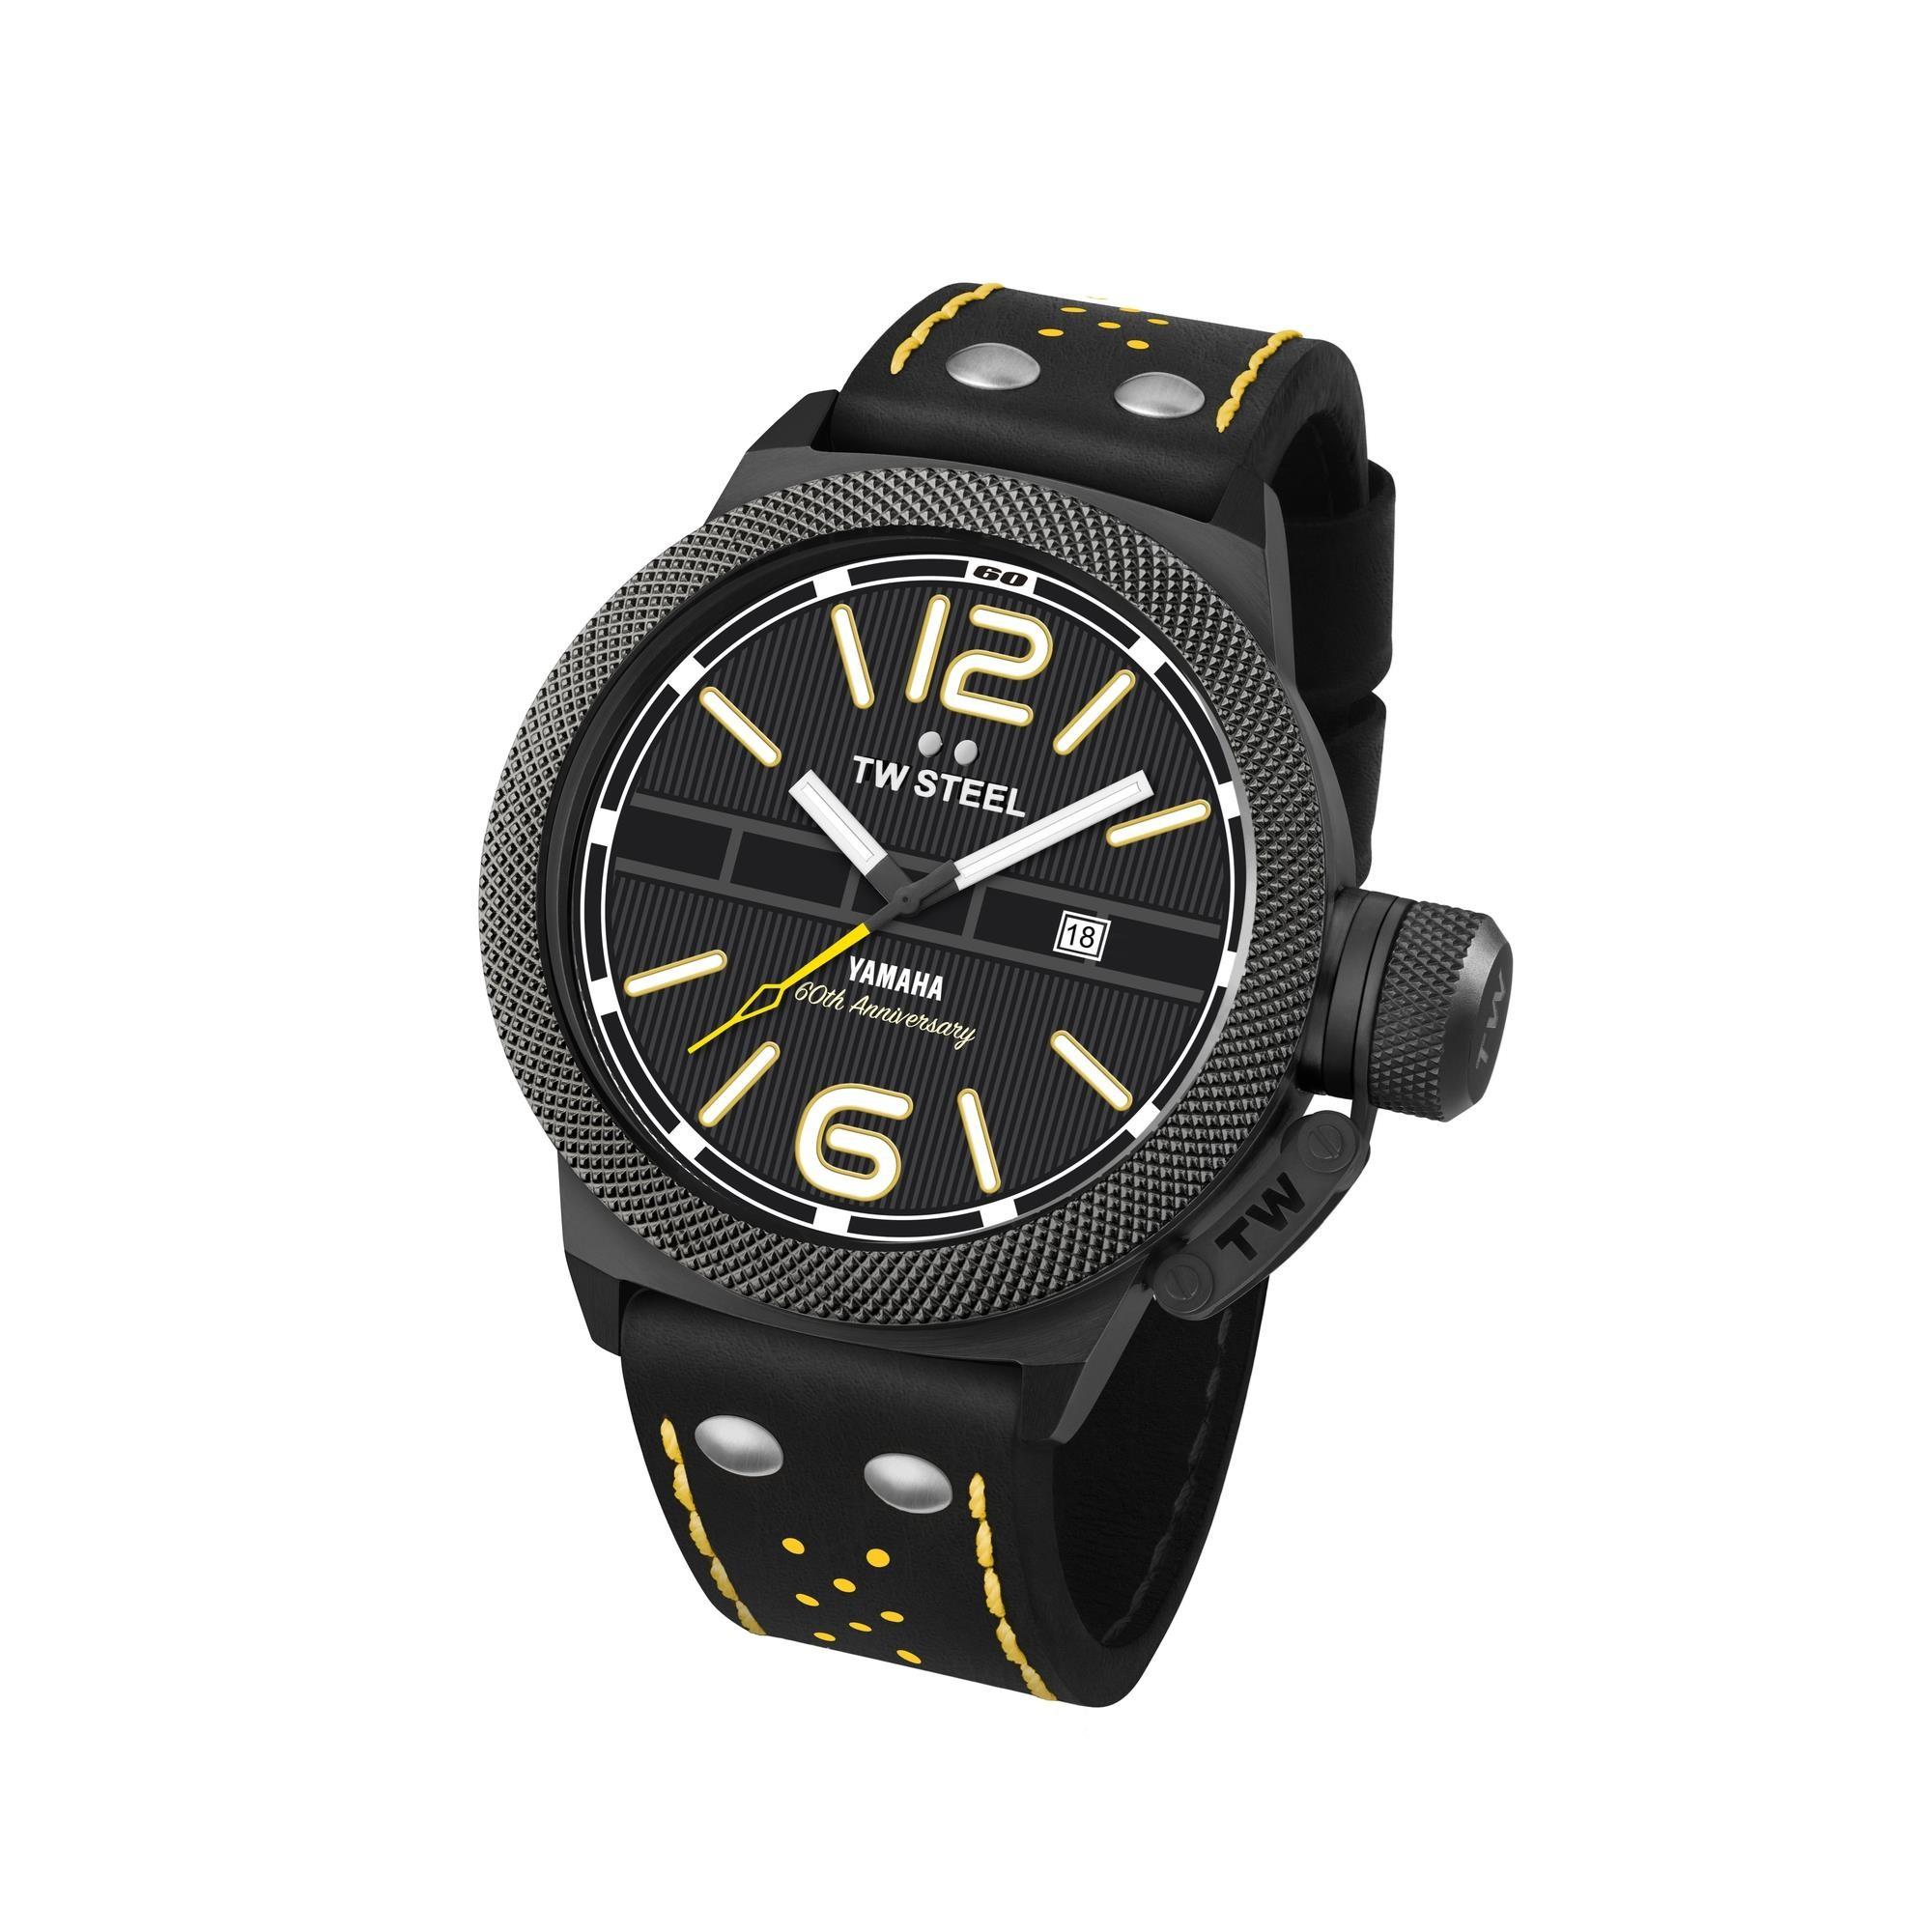 Reloj 60 aniversario TW Steel®